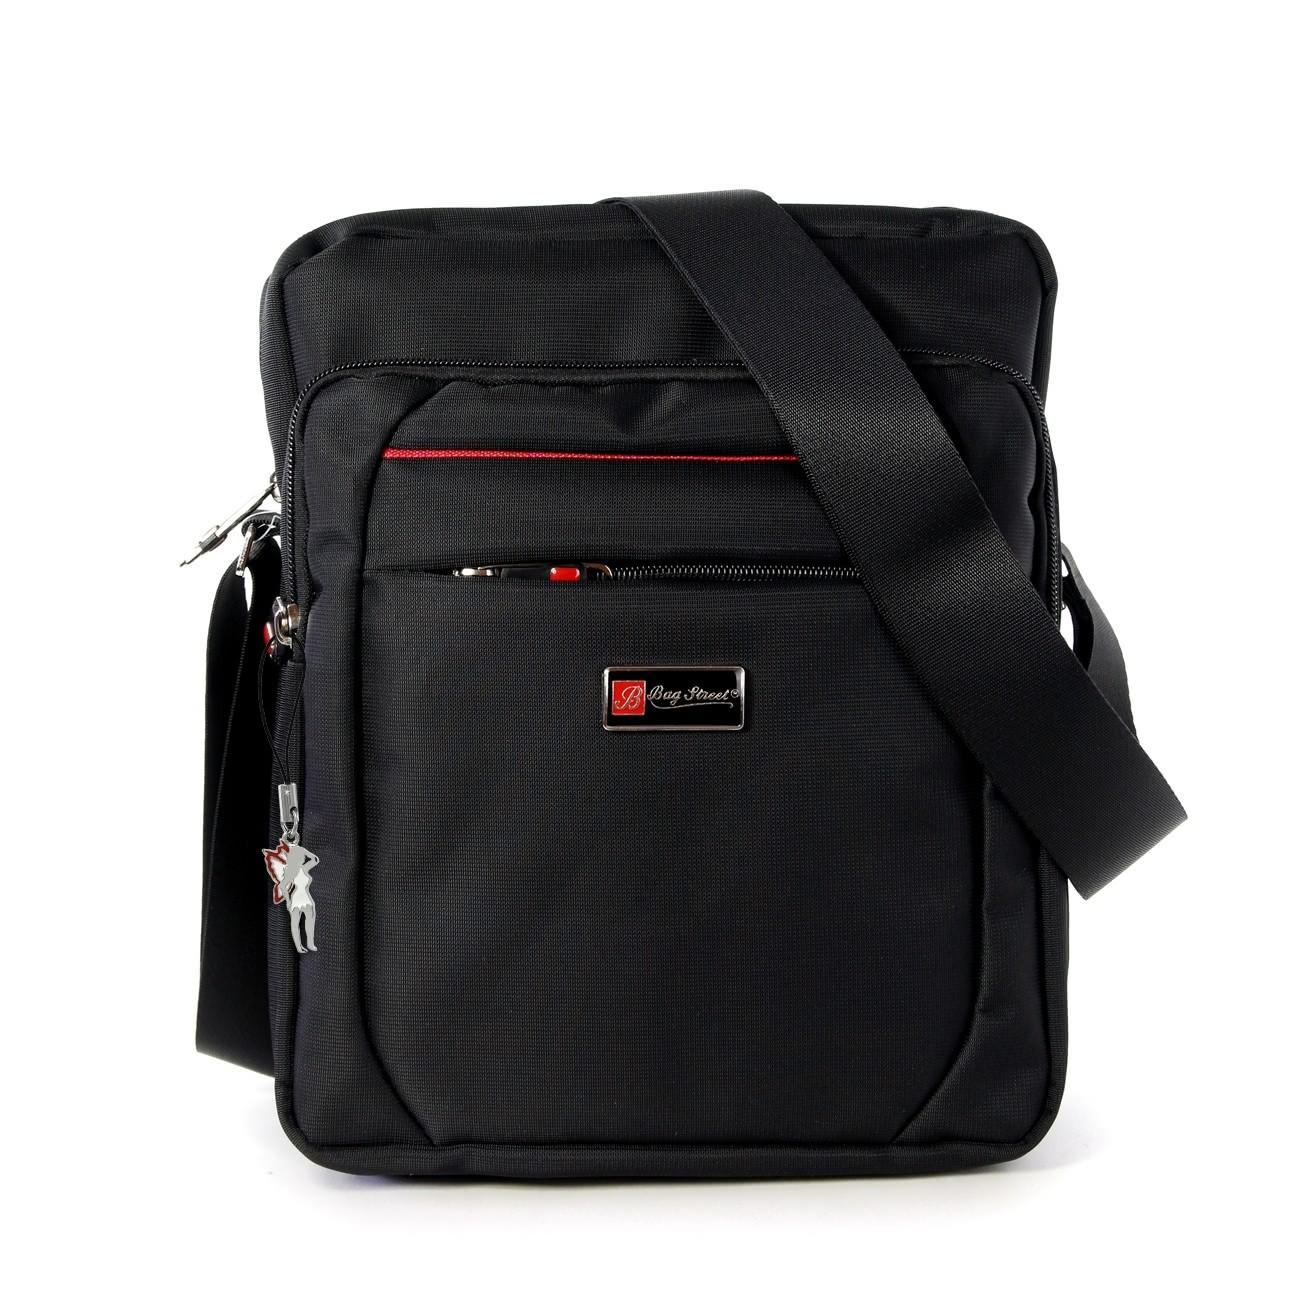 Umhängetasche Polyester schwarz Crossbody Schultertasche Bag Street OTJ254S